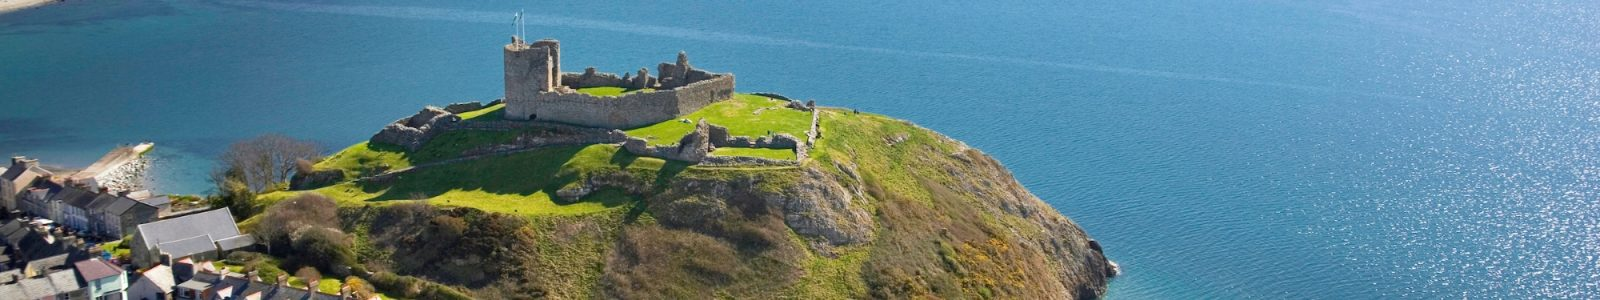 Criccieth Castle - Snowdonia Caravan Park Llwyn Bugeilydd